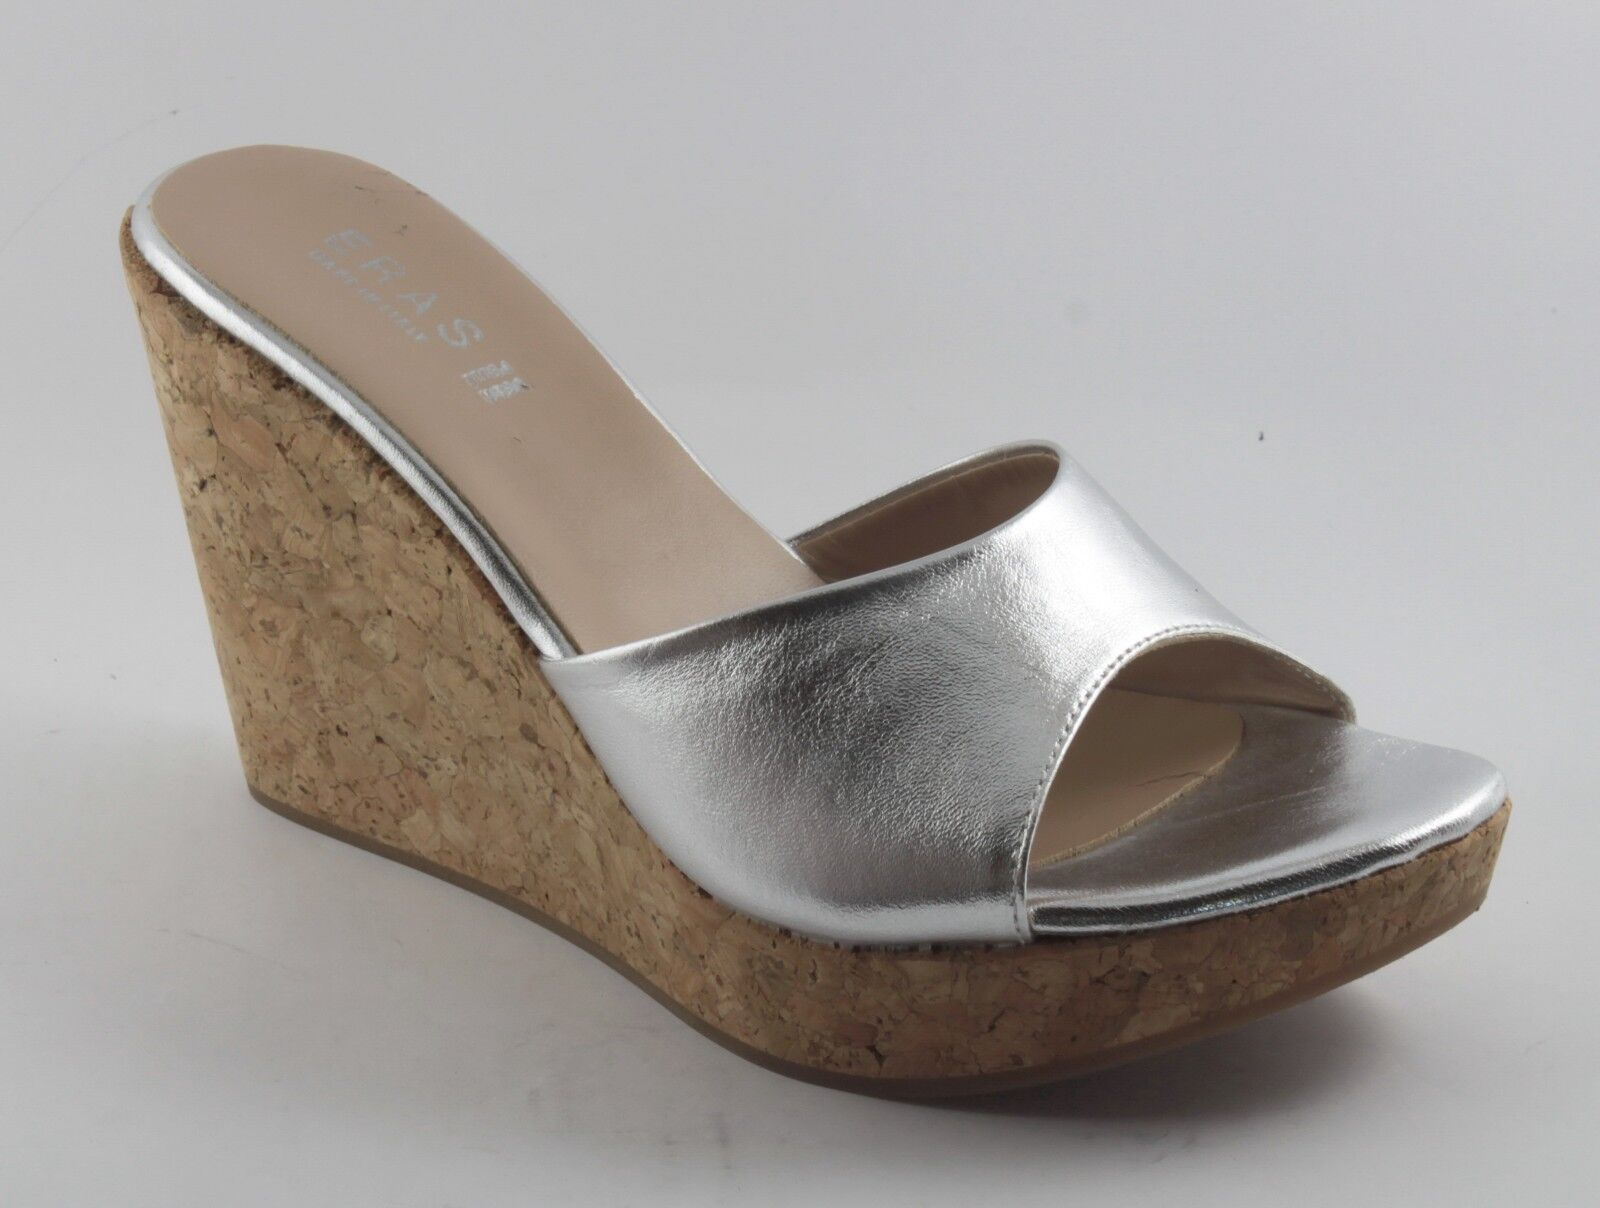 770 ZEPPE SANDALI women FONDO SUGHERO COMODE IN PELLE color LAMINATO silver 39